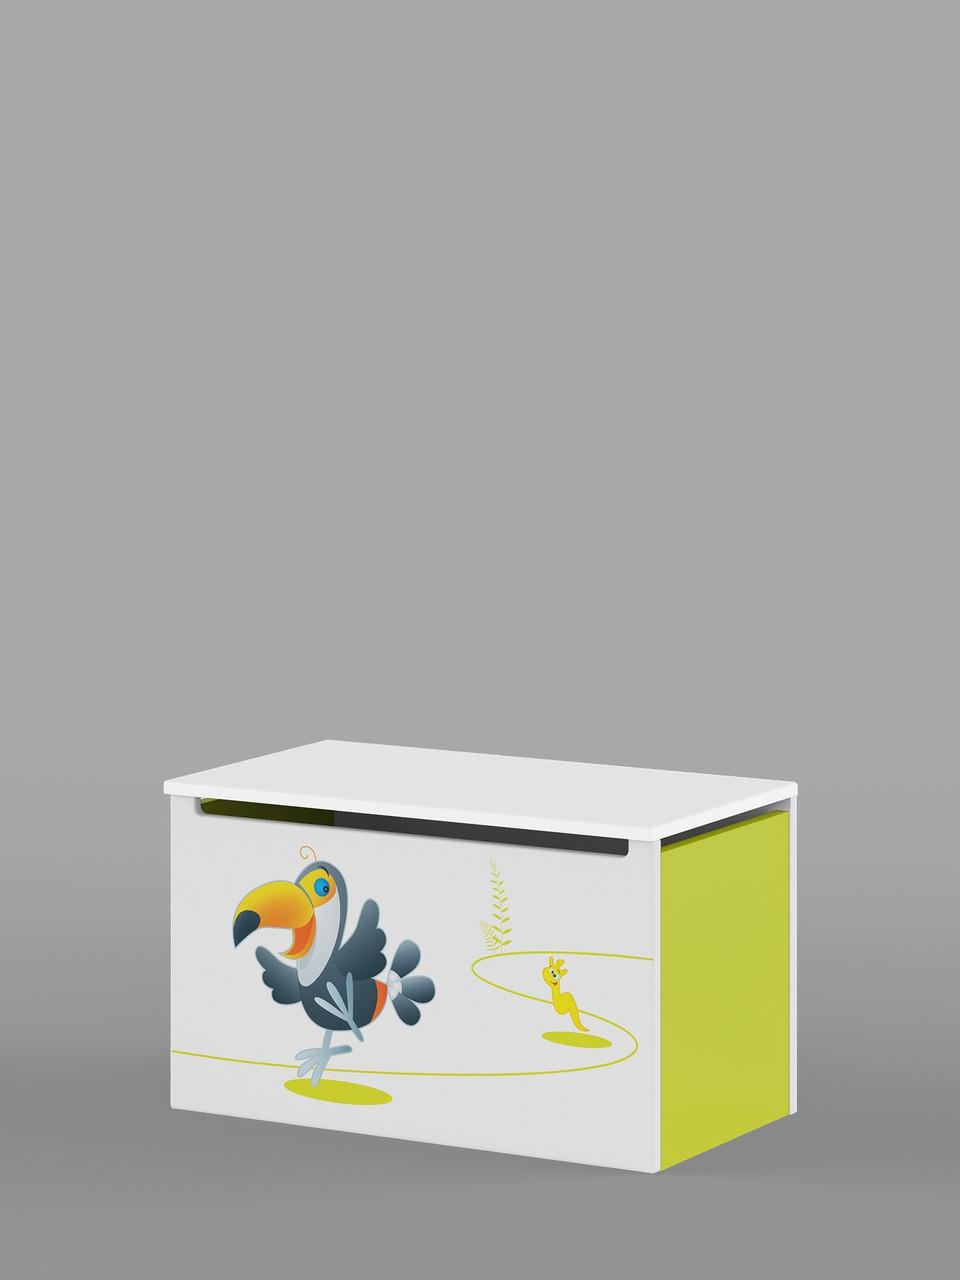 Ящик для игрушек, Meblik (Польша)